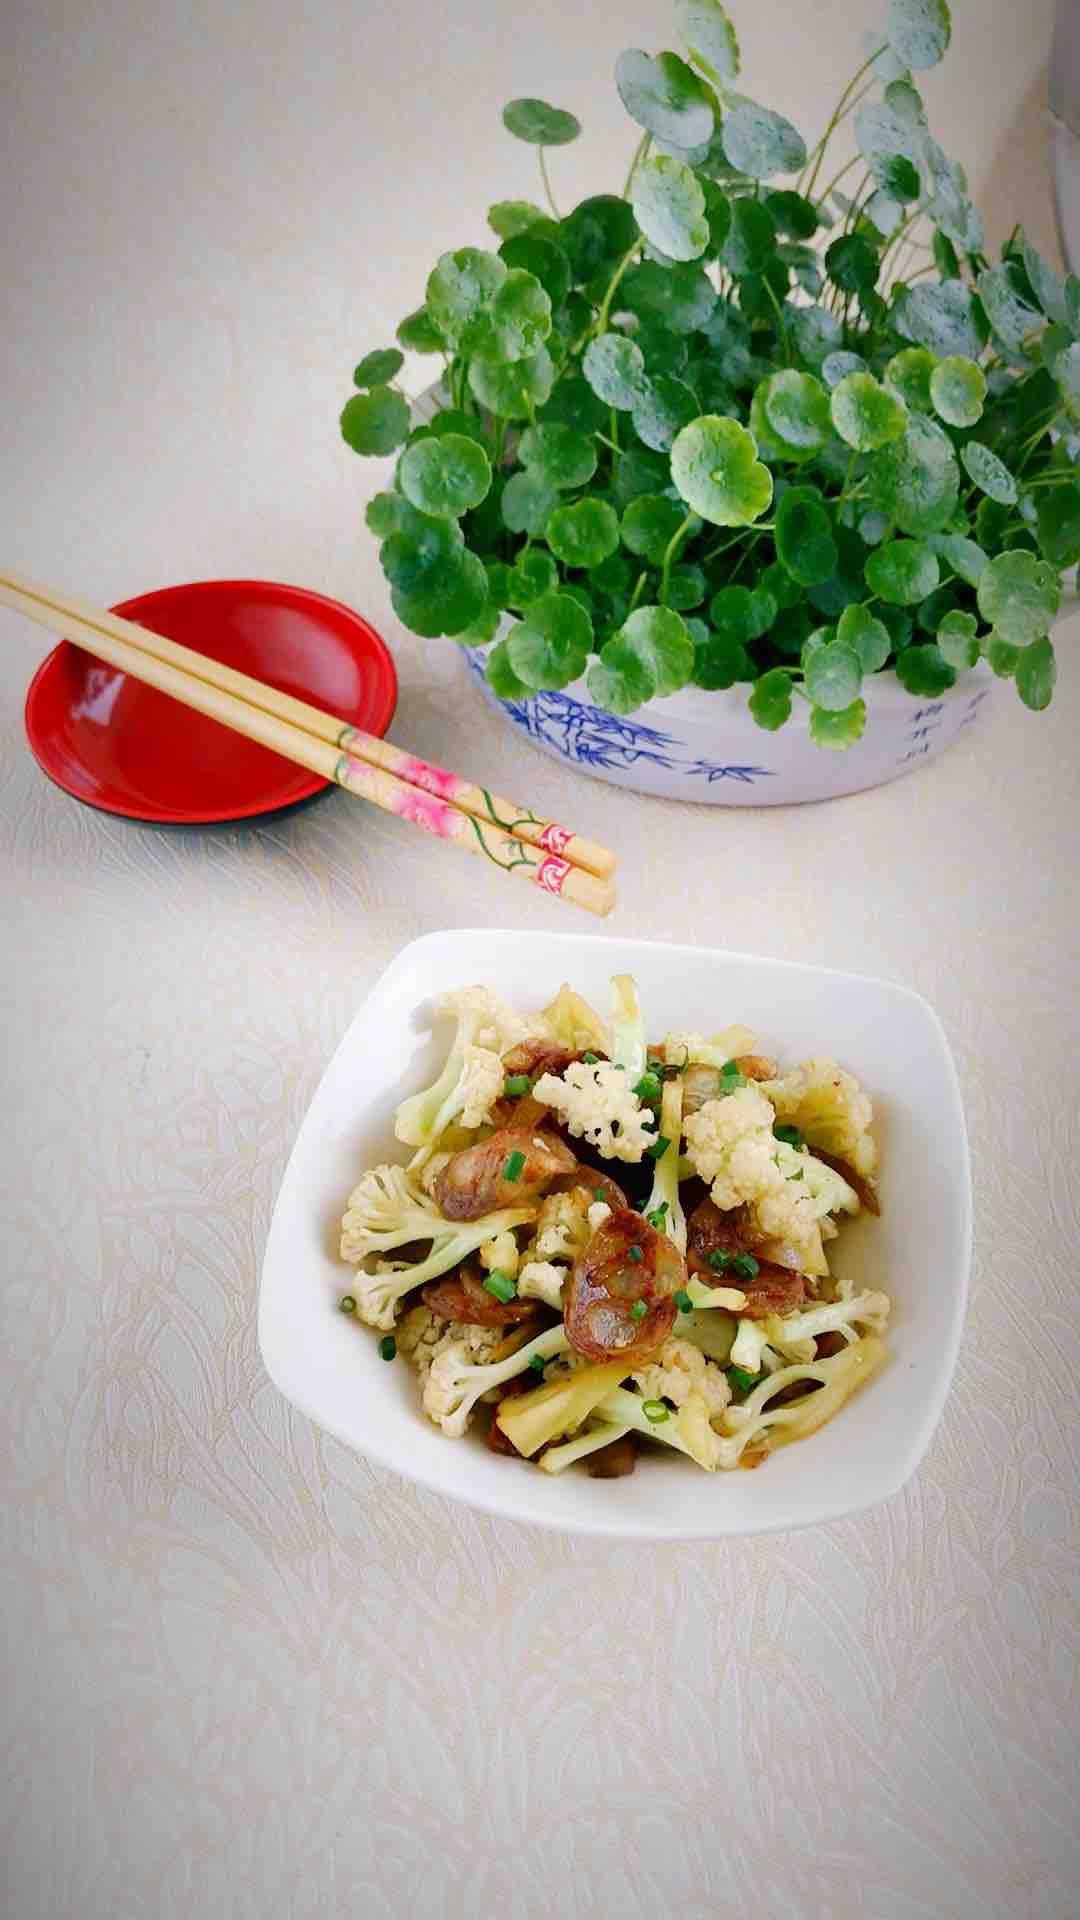 麻辣香肠炒花菜的做法